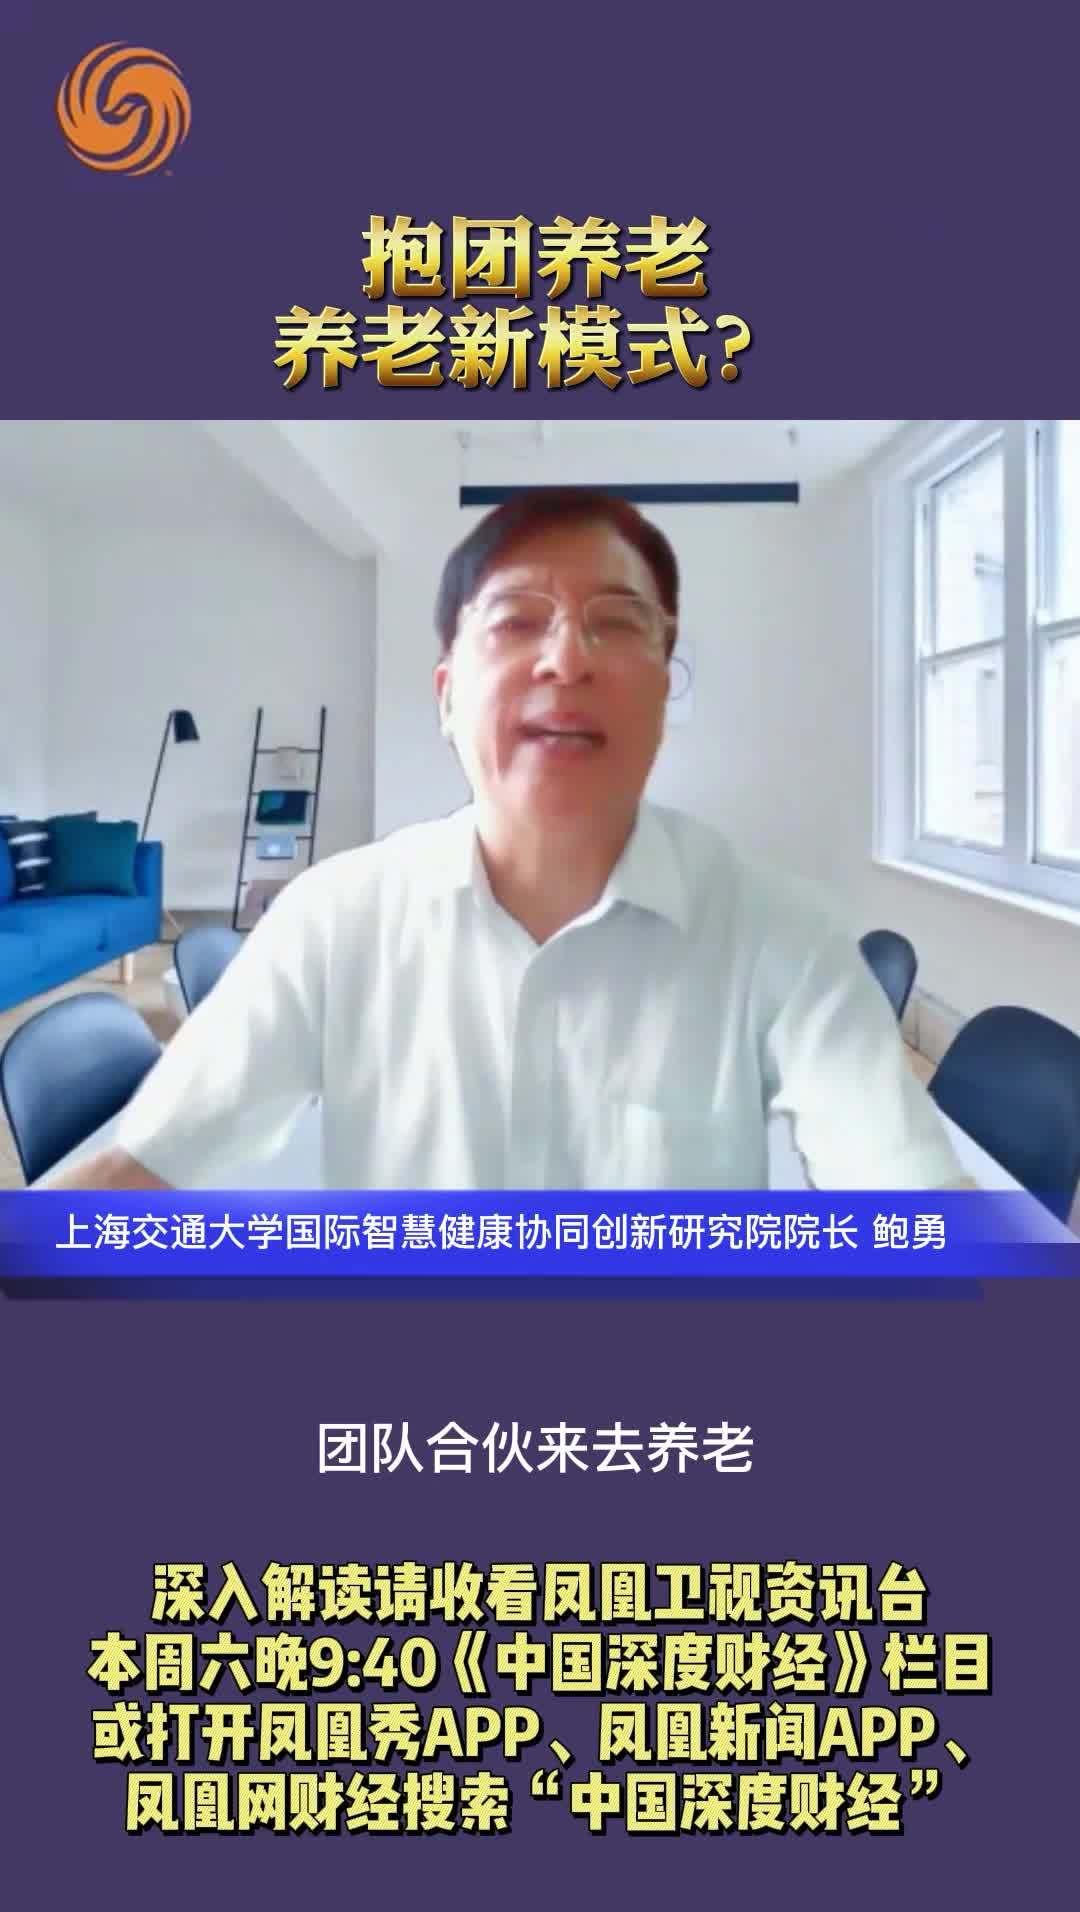 上海交通大学国际智慧健康协同创新研究院院长鲍勇:抱团养老,养老新模式?